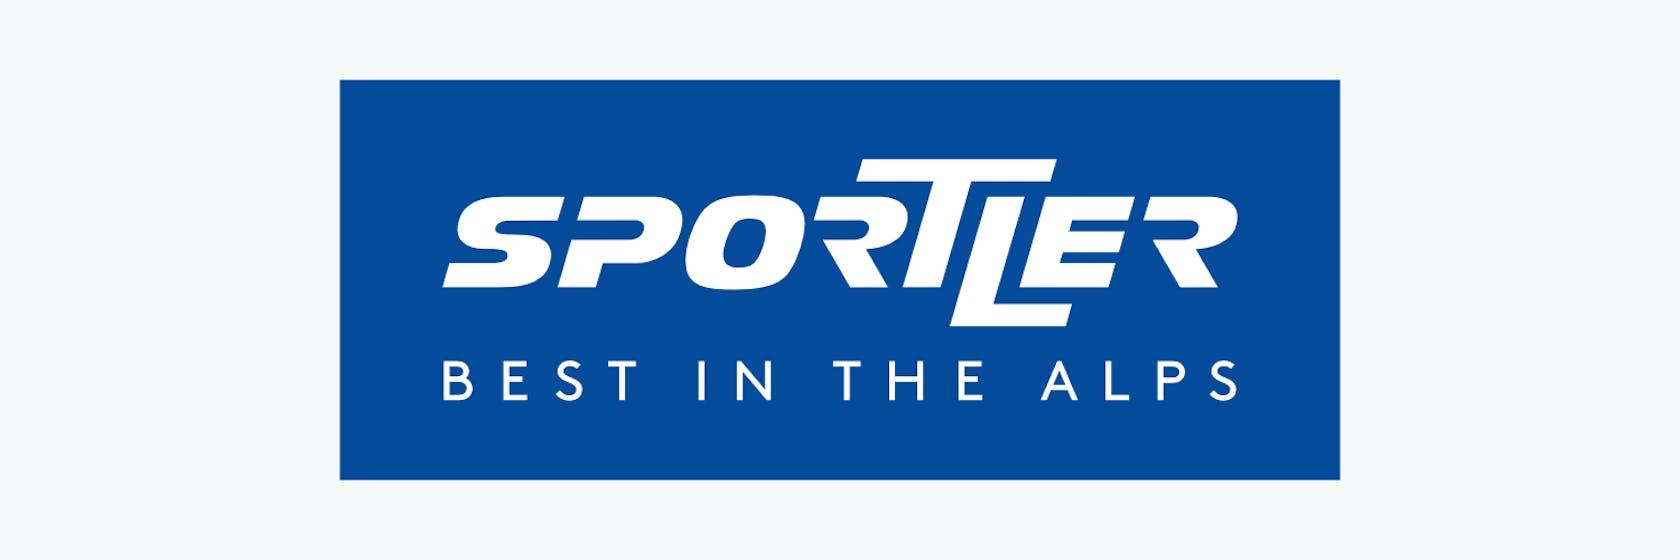 Sportler Logo Best in the Alps